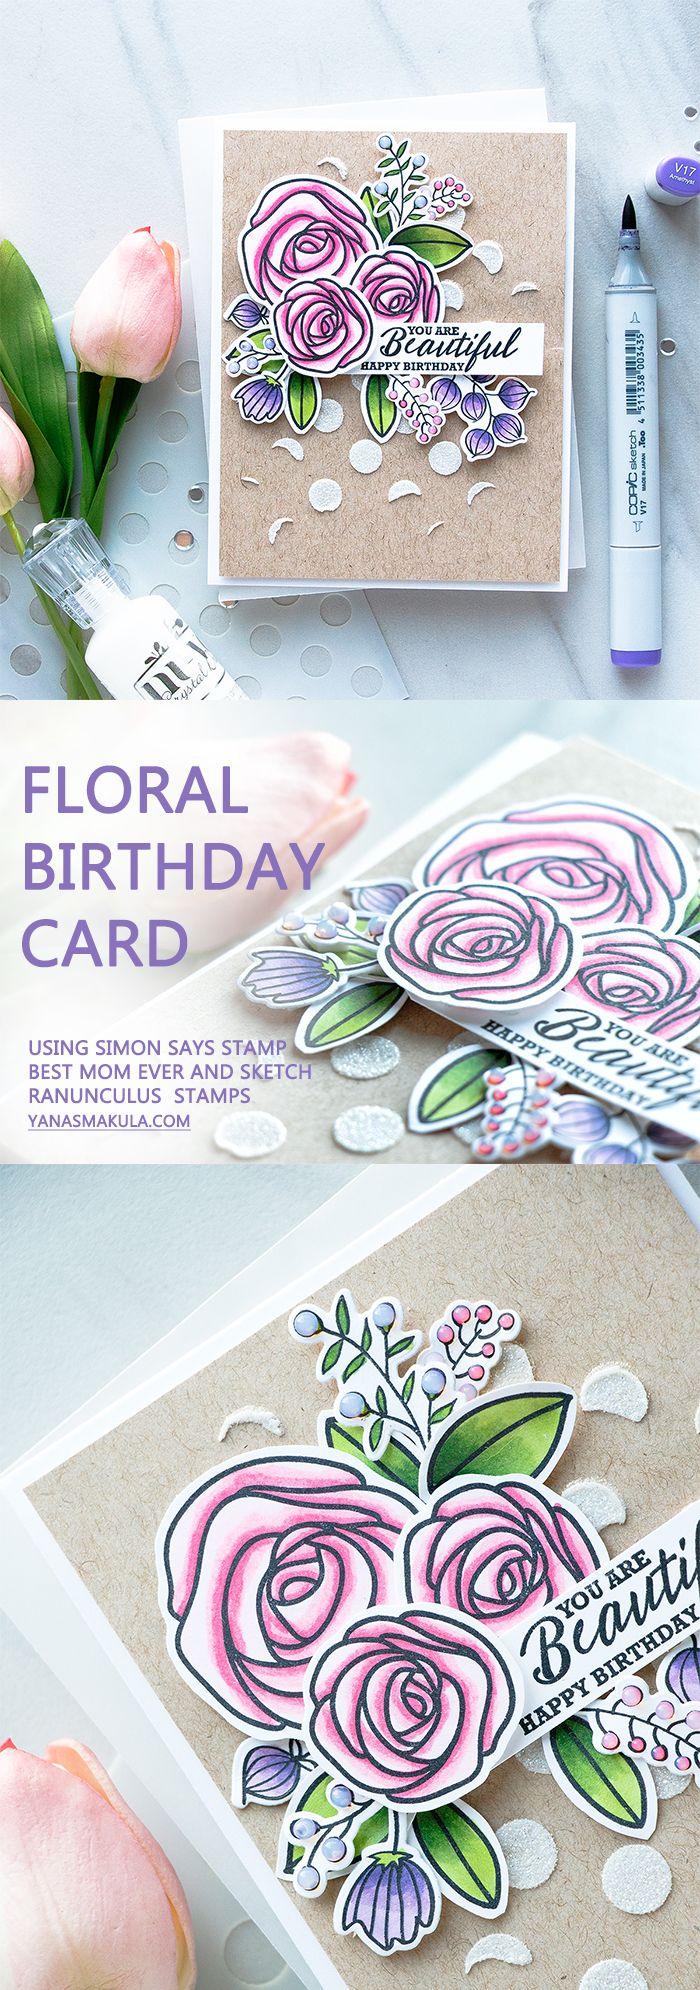 best cards floral images on pinterest